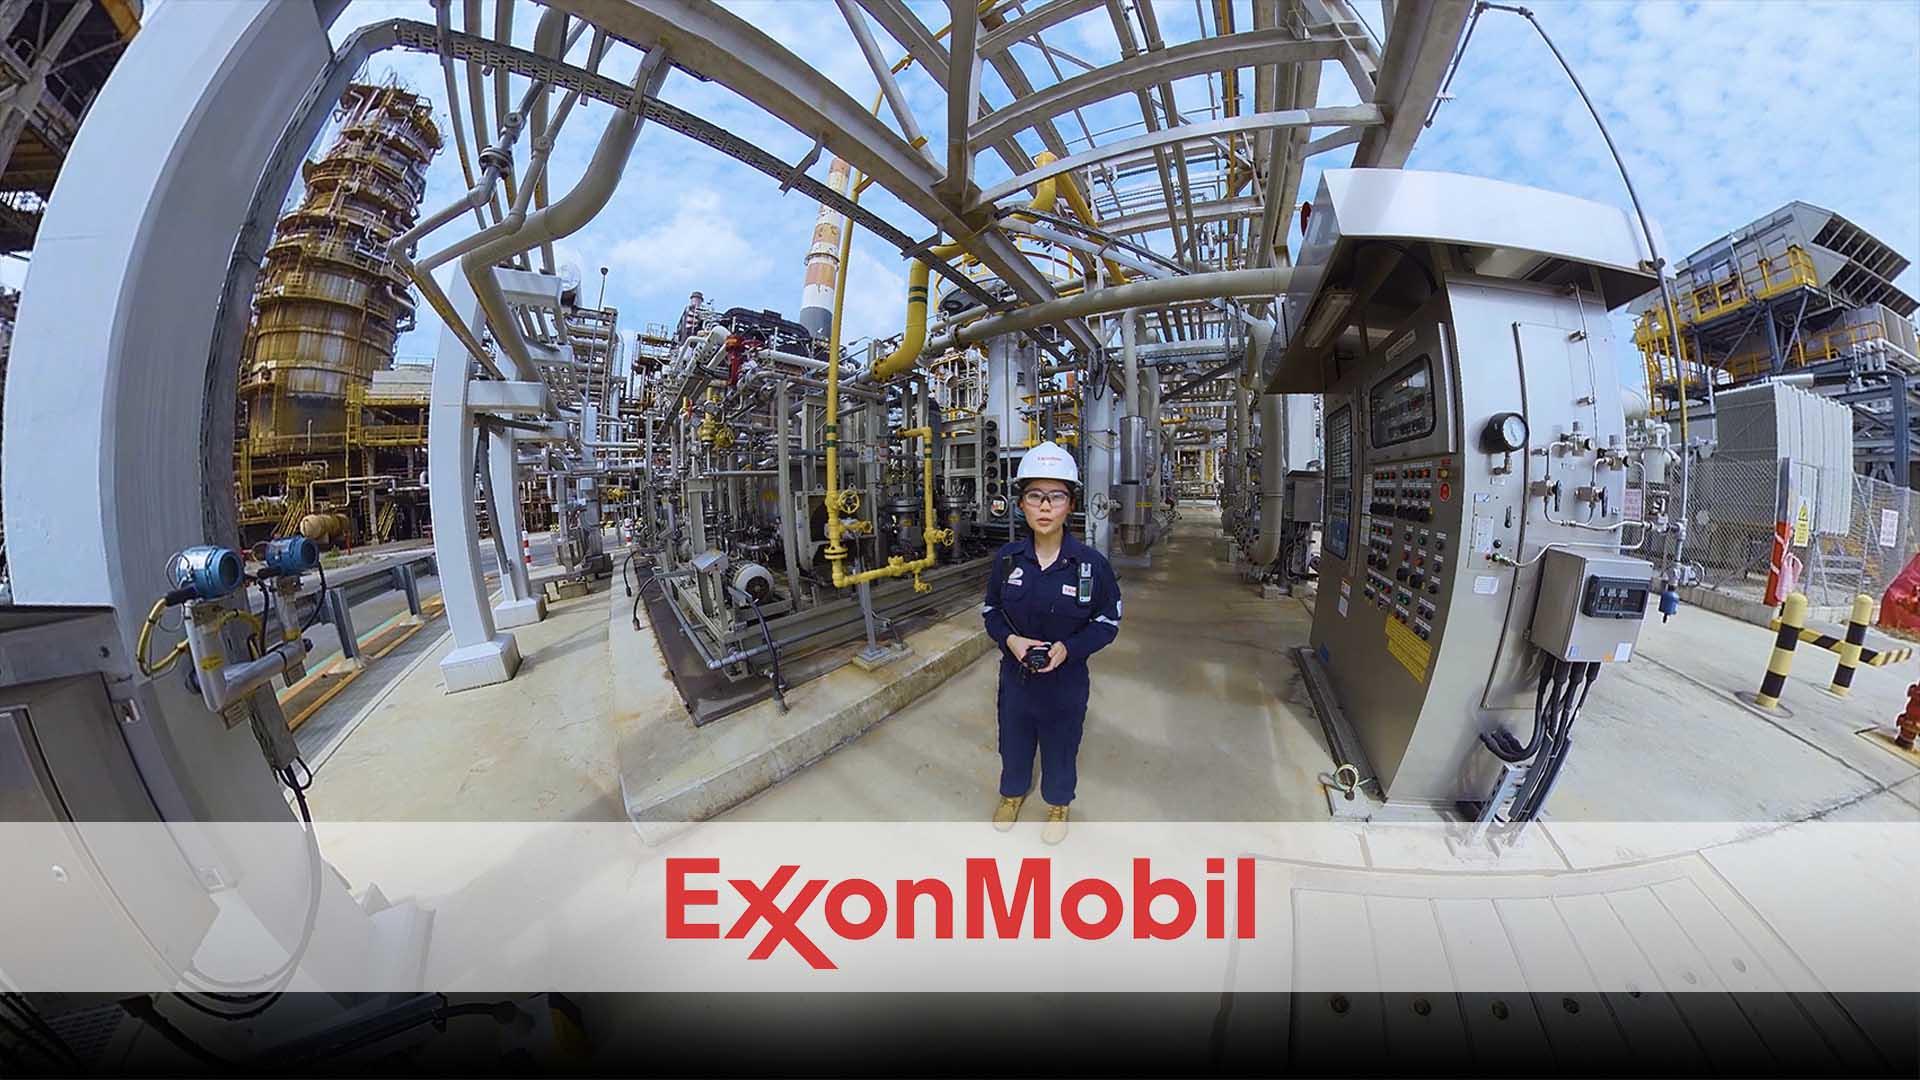 Exxon Mobil 360